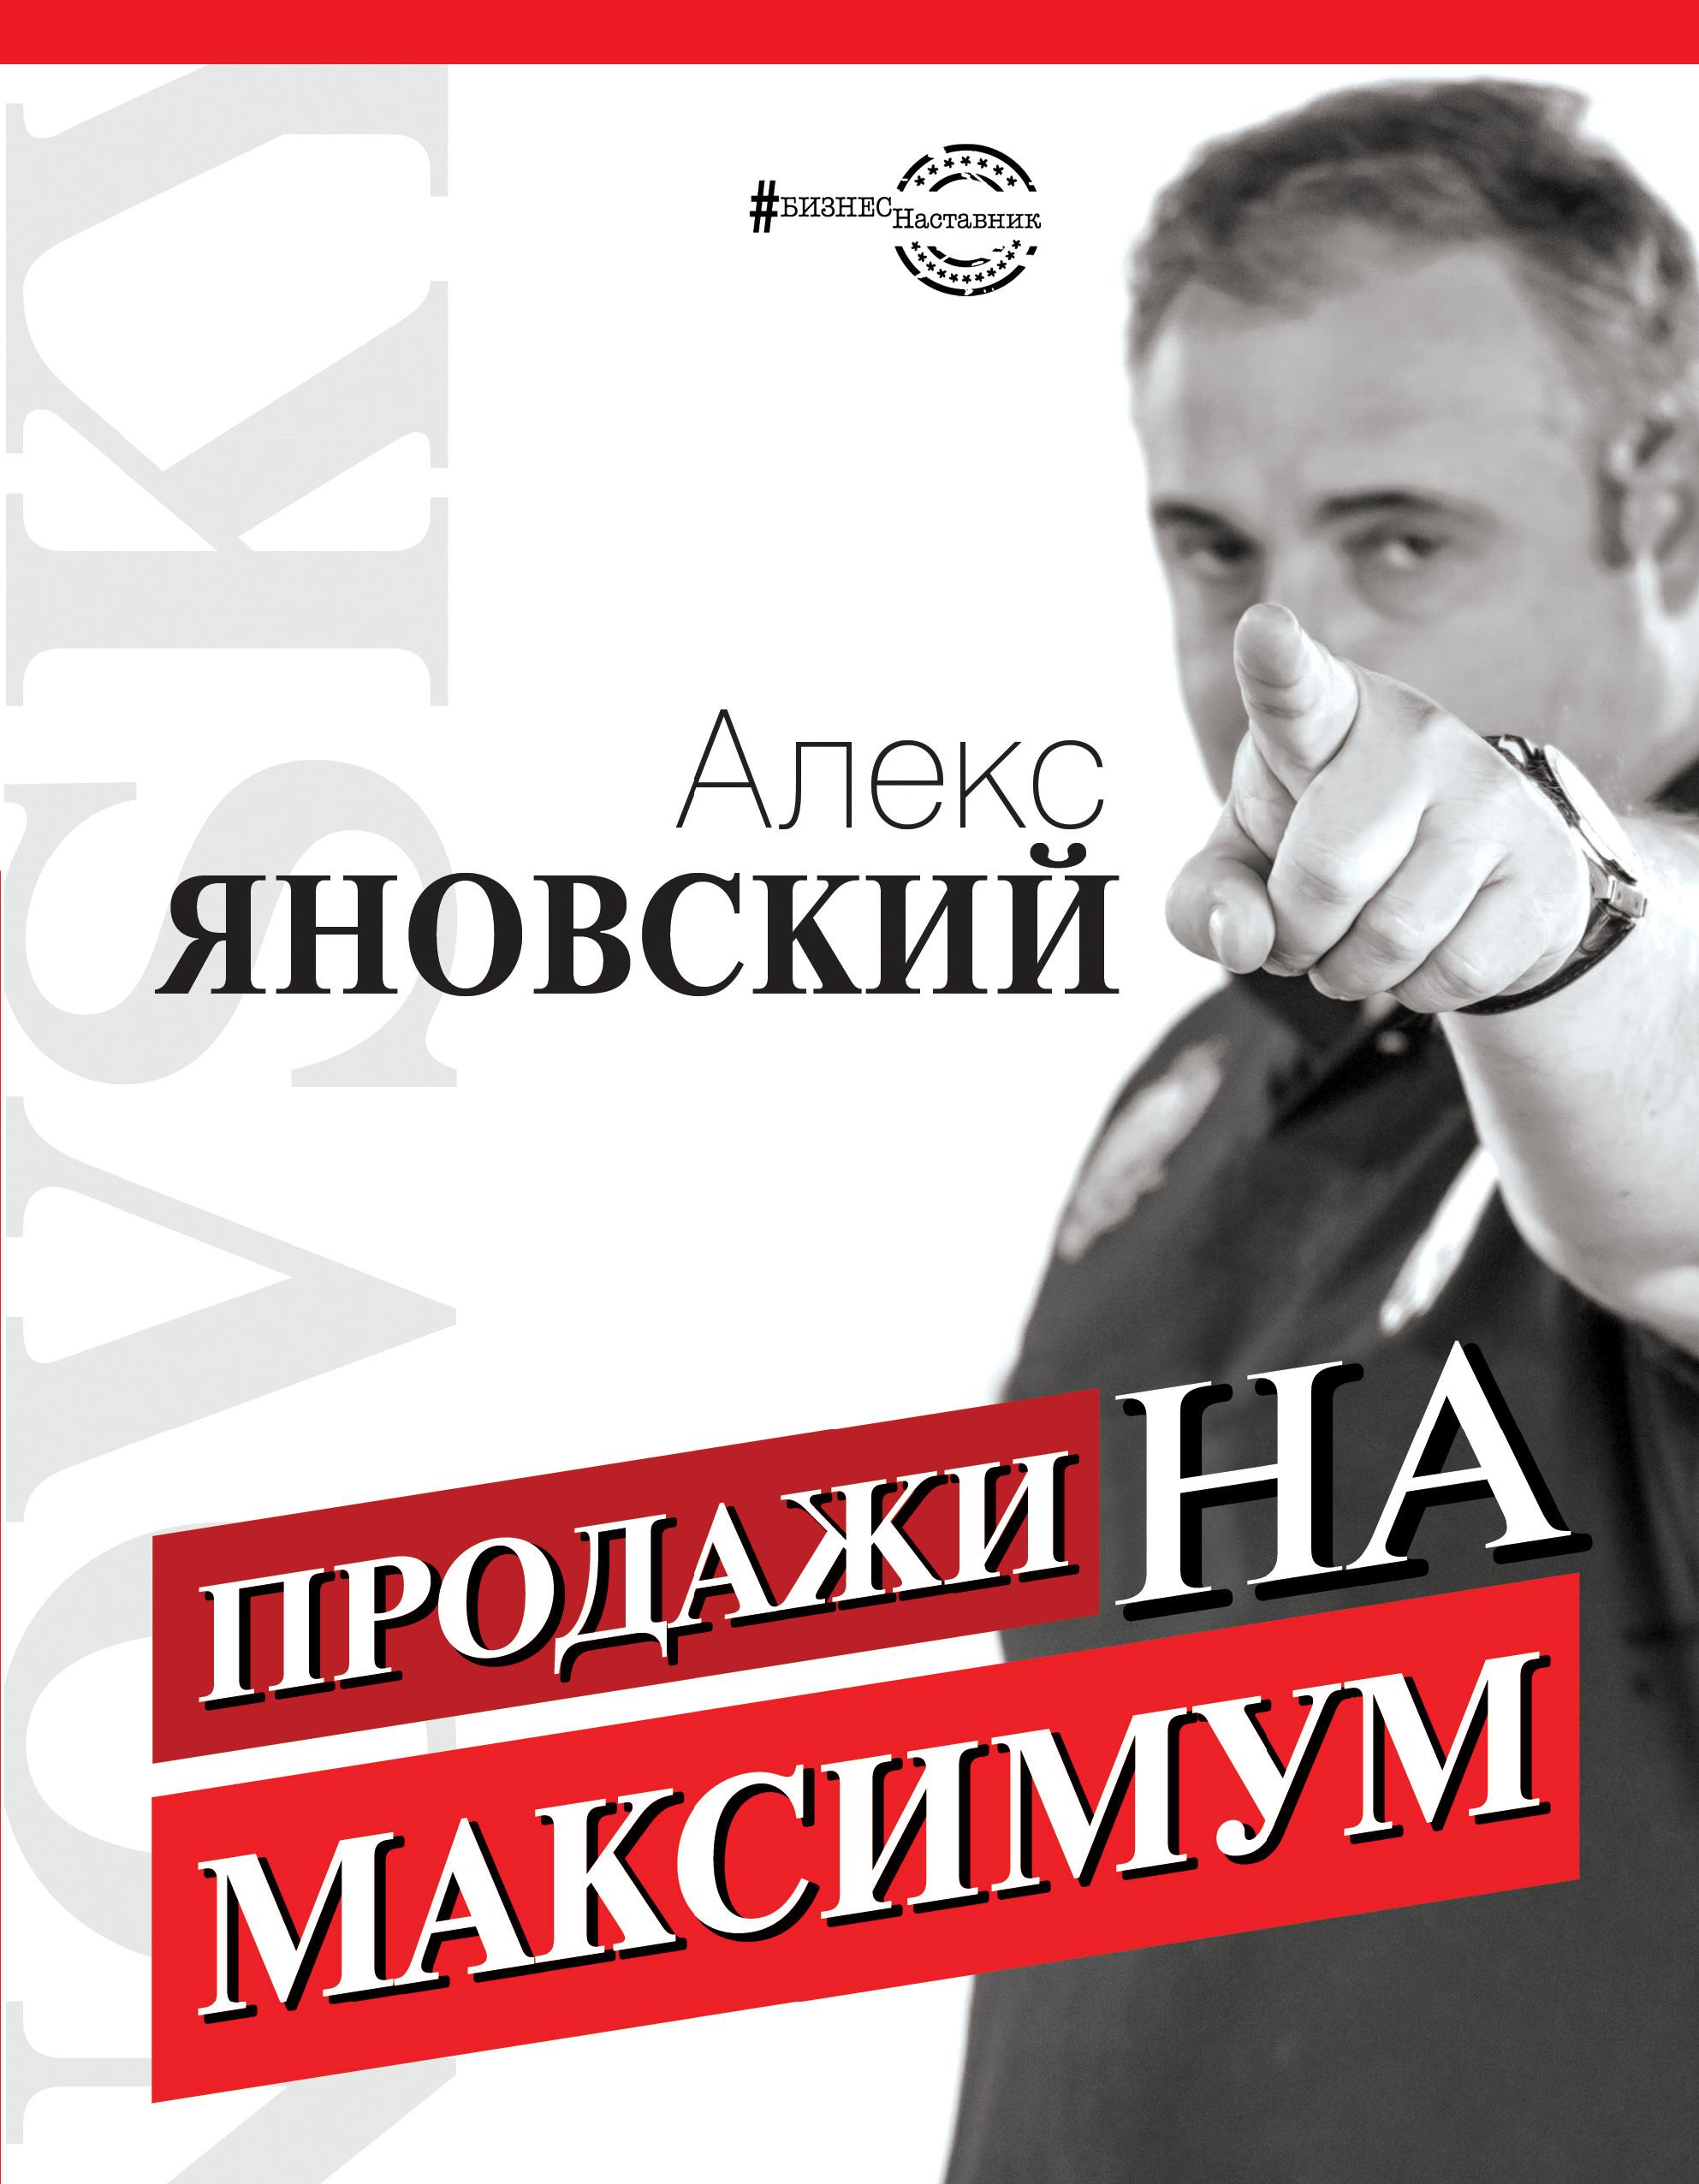 Обложка книги. Автор - Алекс Яновский